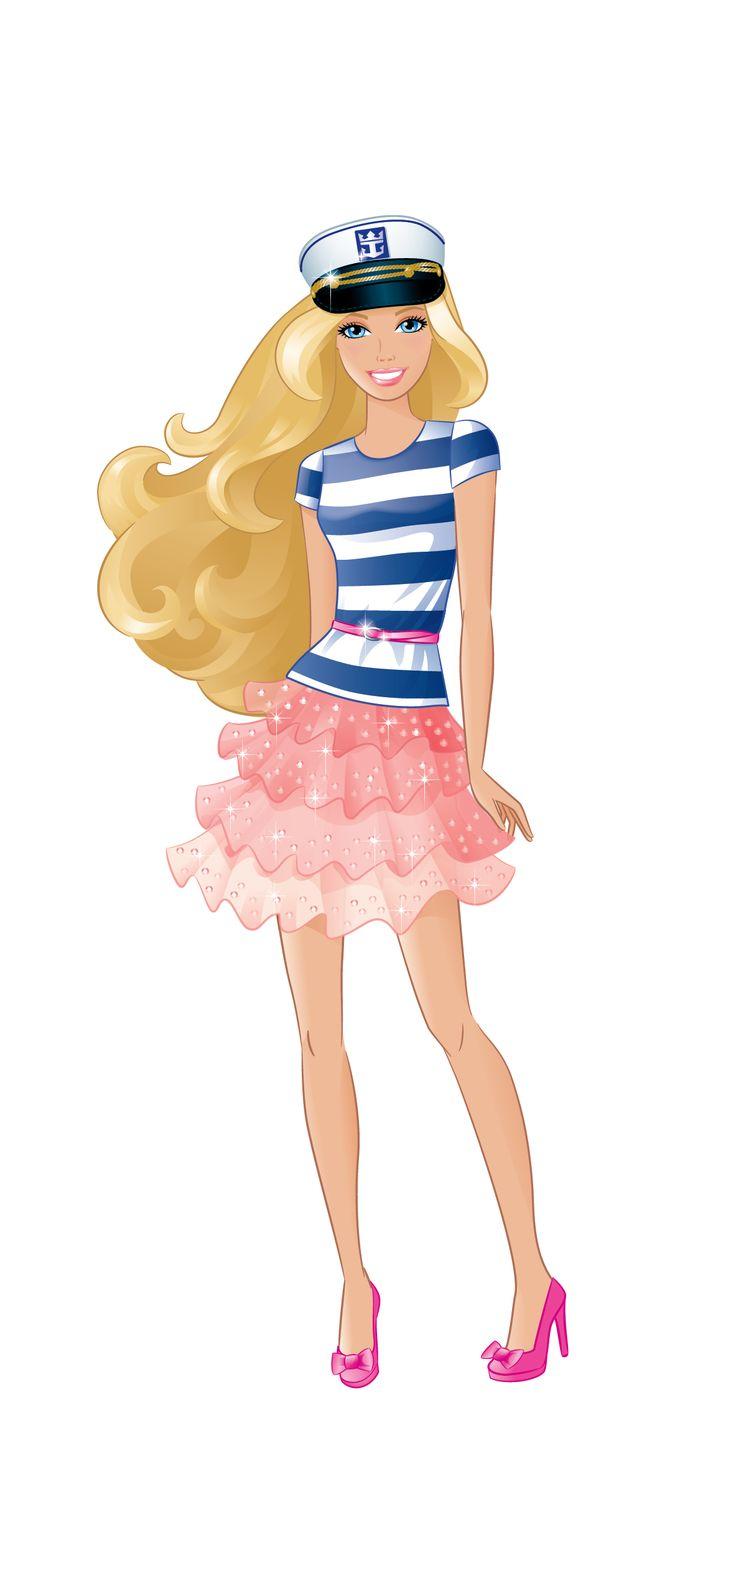 Barbie fashion clipart jpg transparent Barbie Clipart   Free download best Barbie Clipart on ClipArtMag.com jpg transparent